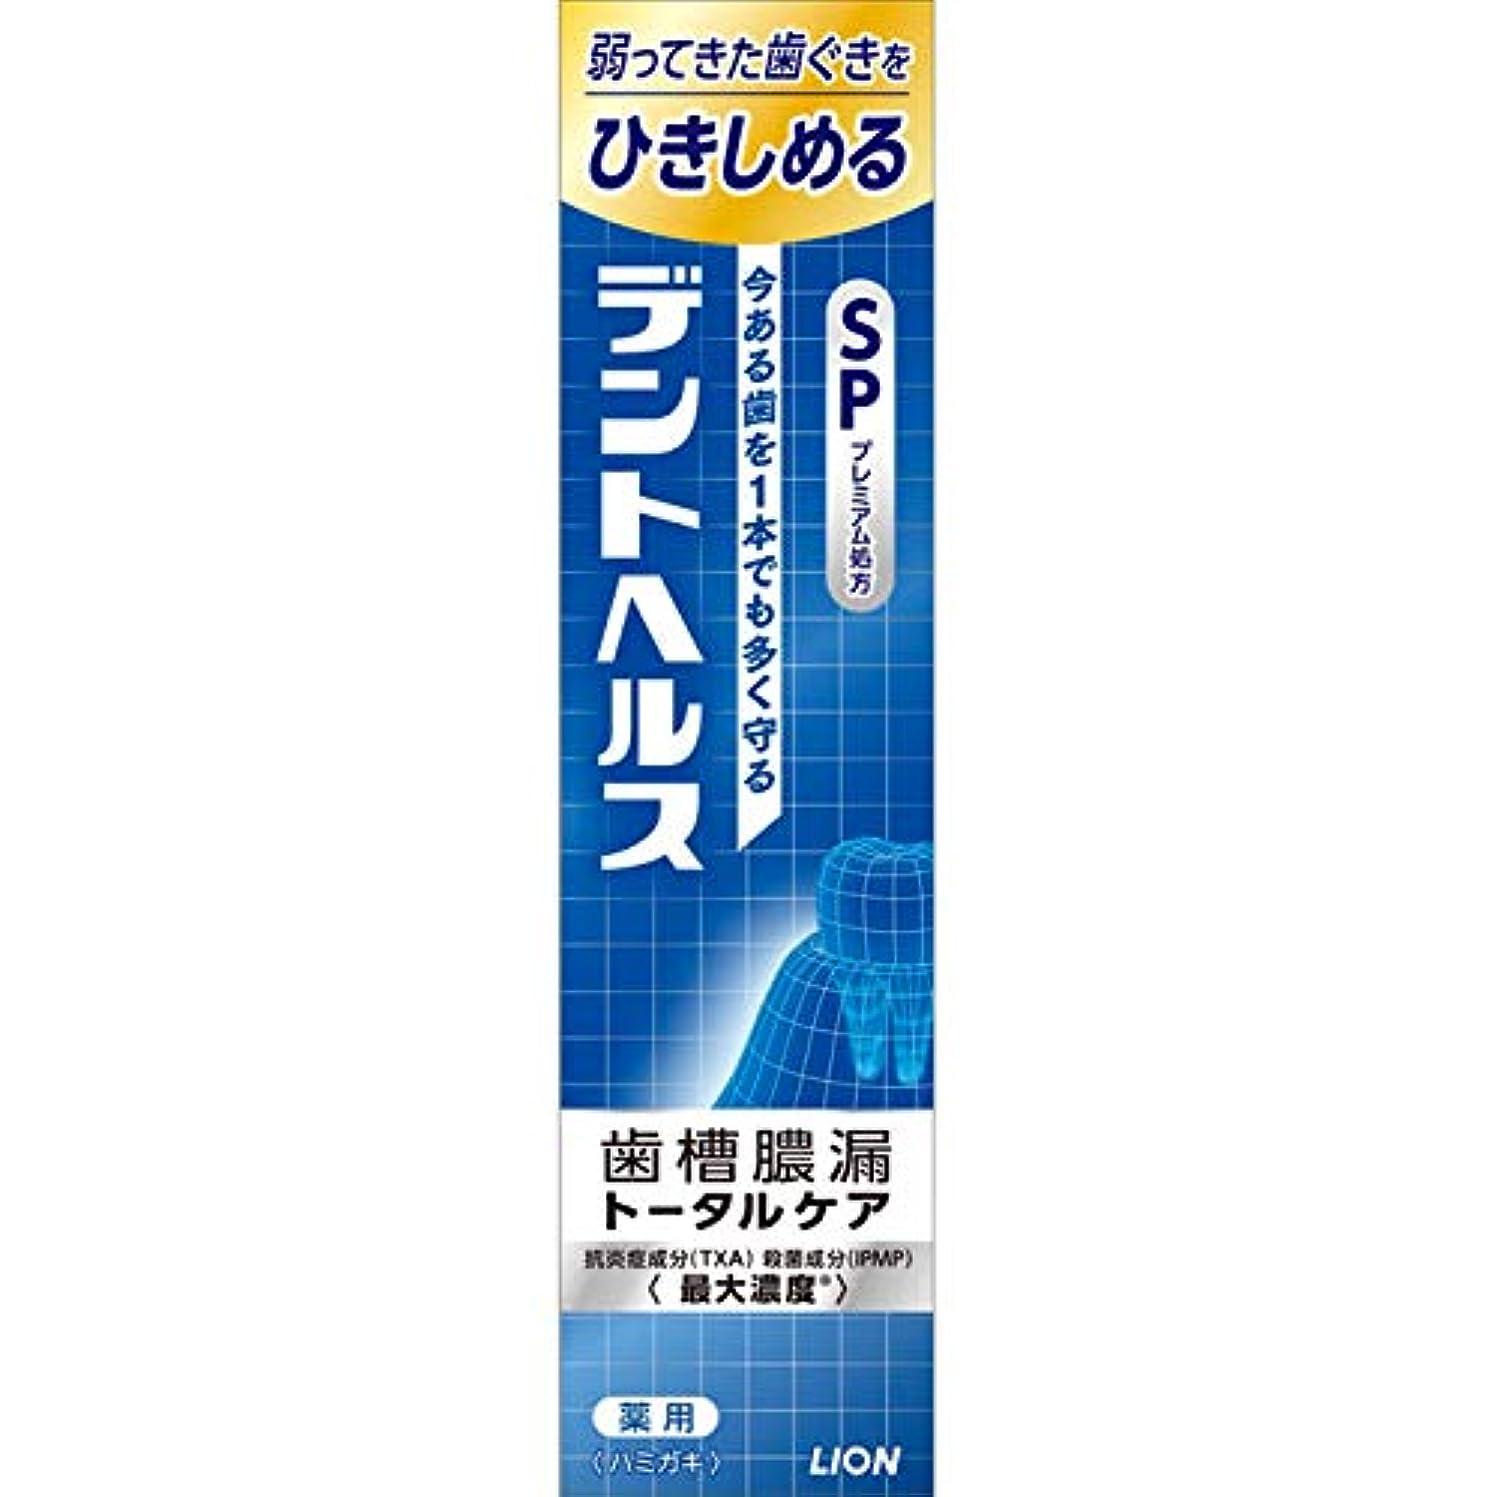 フレット感謝する作業ライオン デントヘルス 薬用ハミガキ SP 120g (医薬部外品)